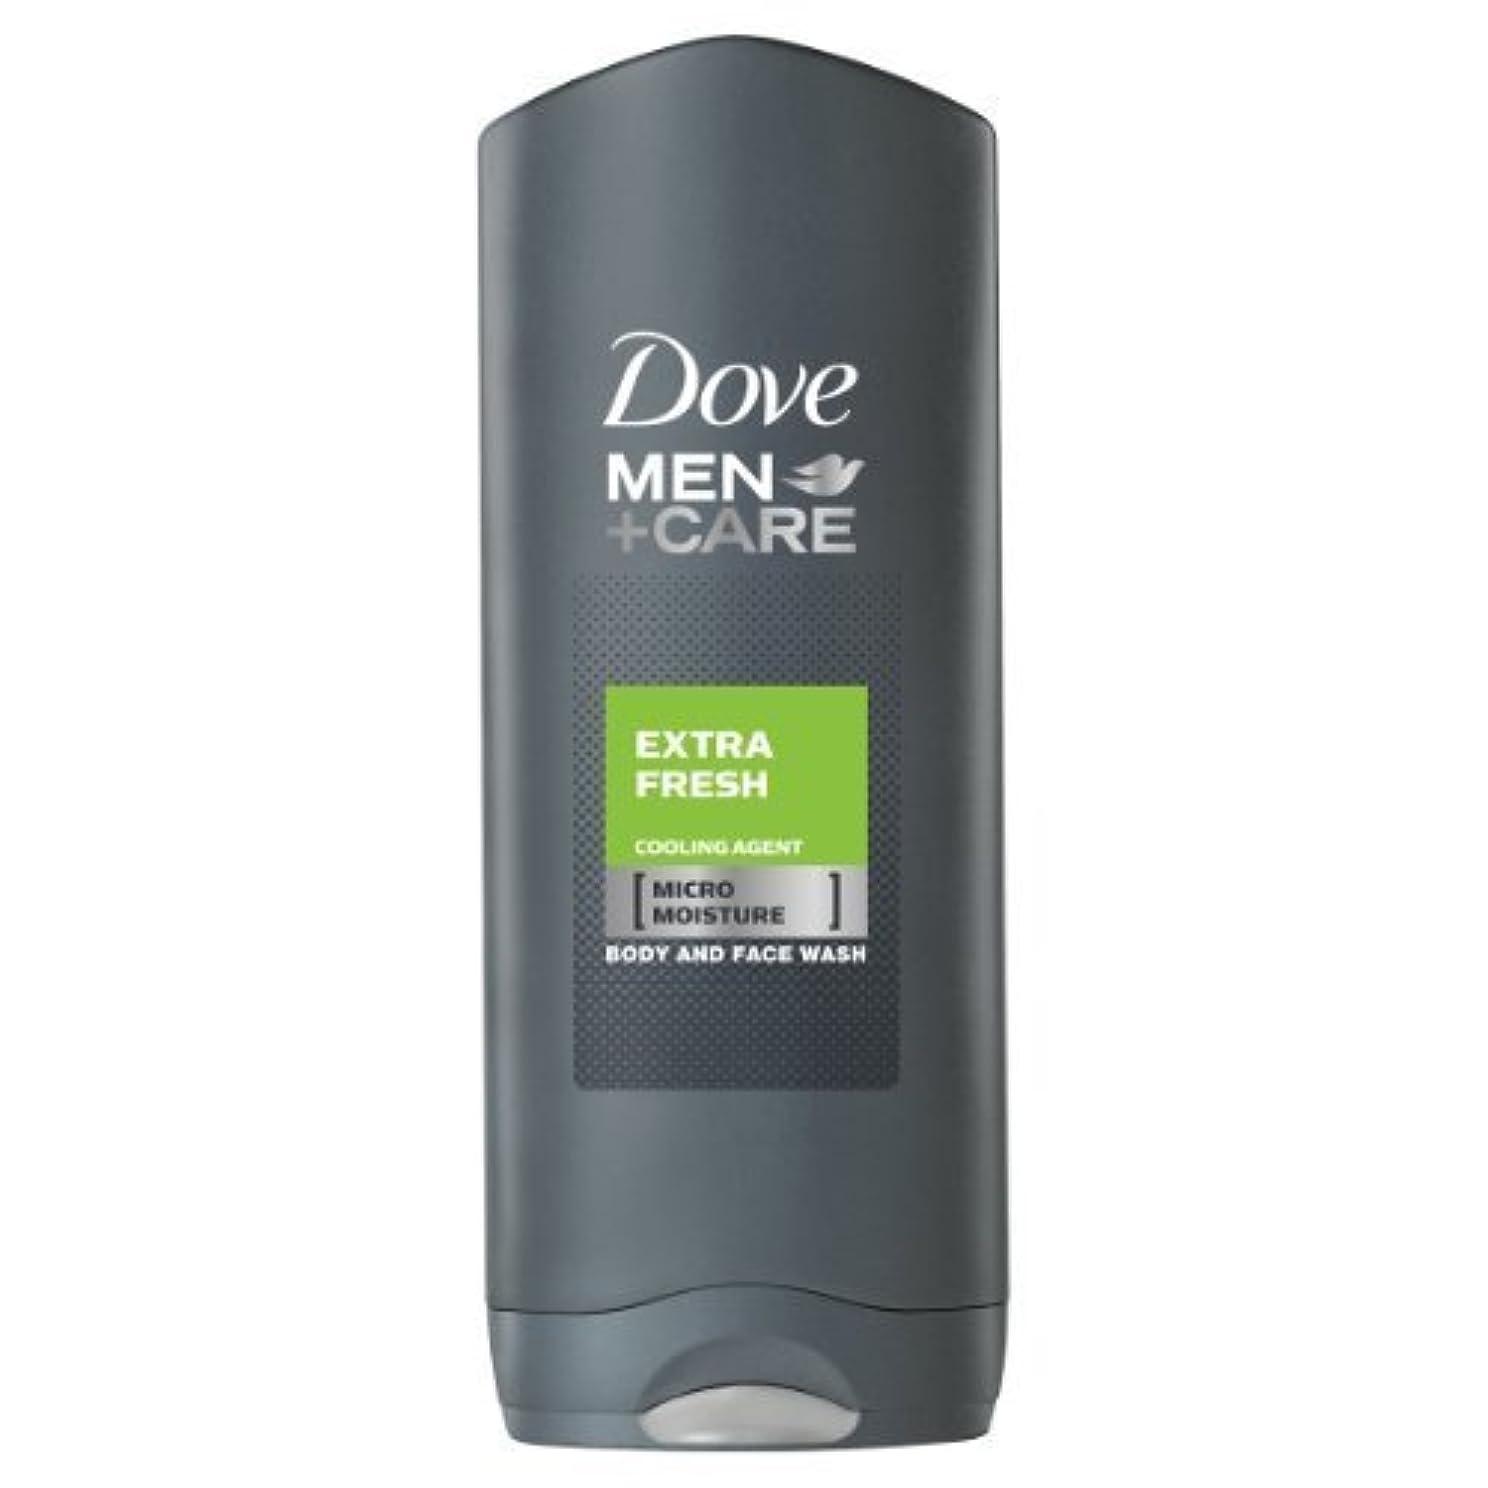 配管アーサーコナンドイル弱めるDove for Men Extra Fresh Body and Face Wash 250 ml by Dove [並行輸入品]